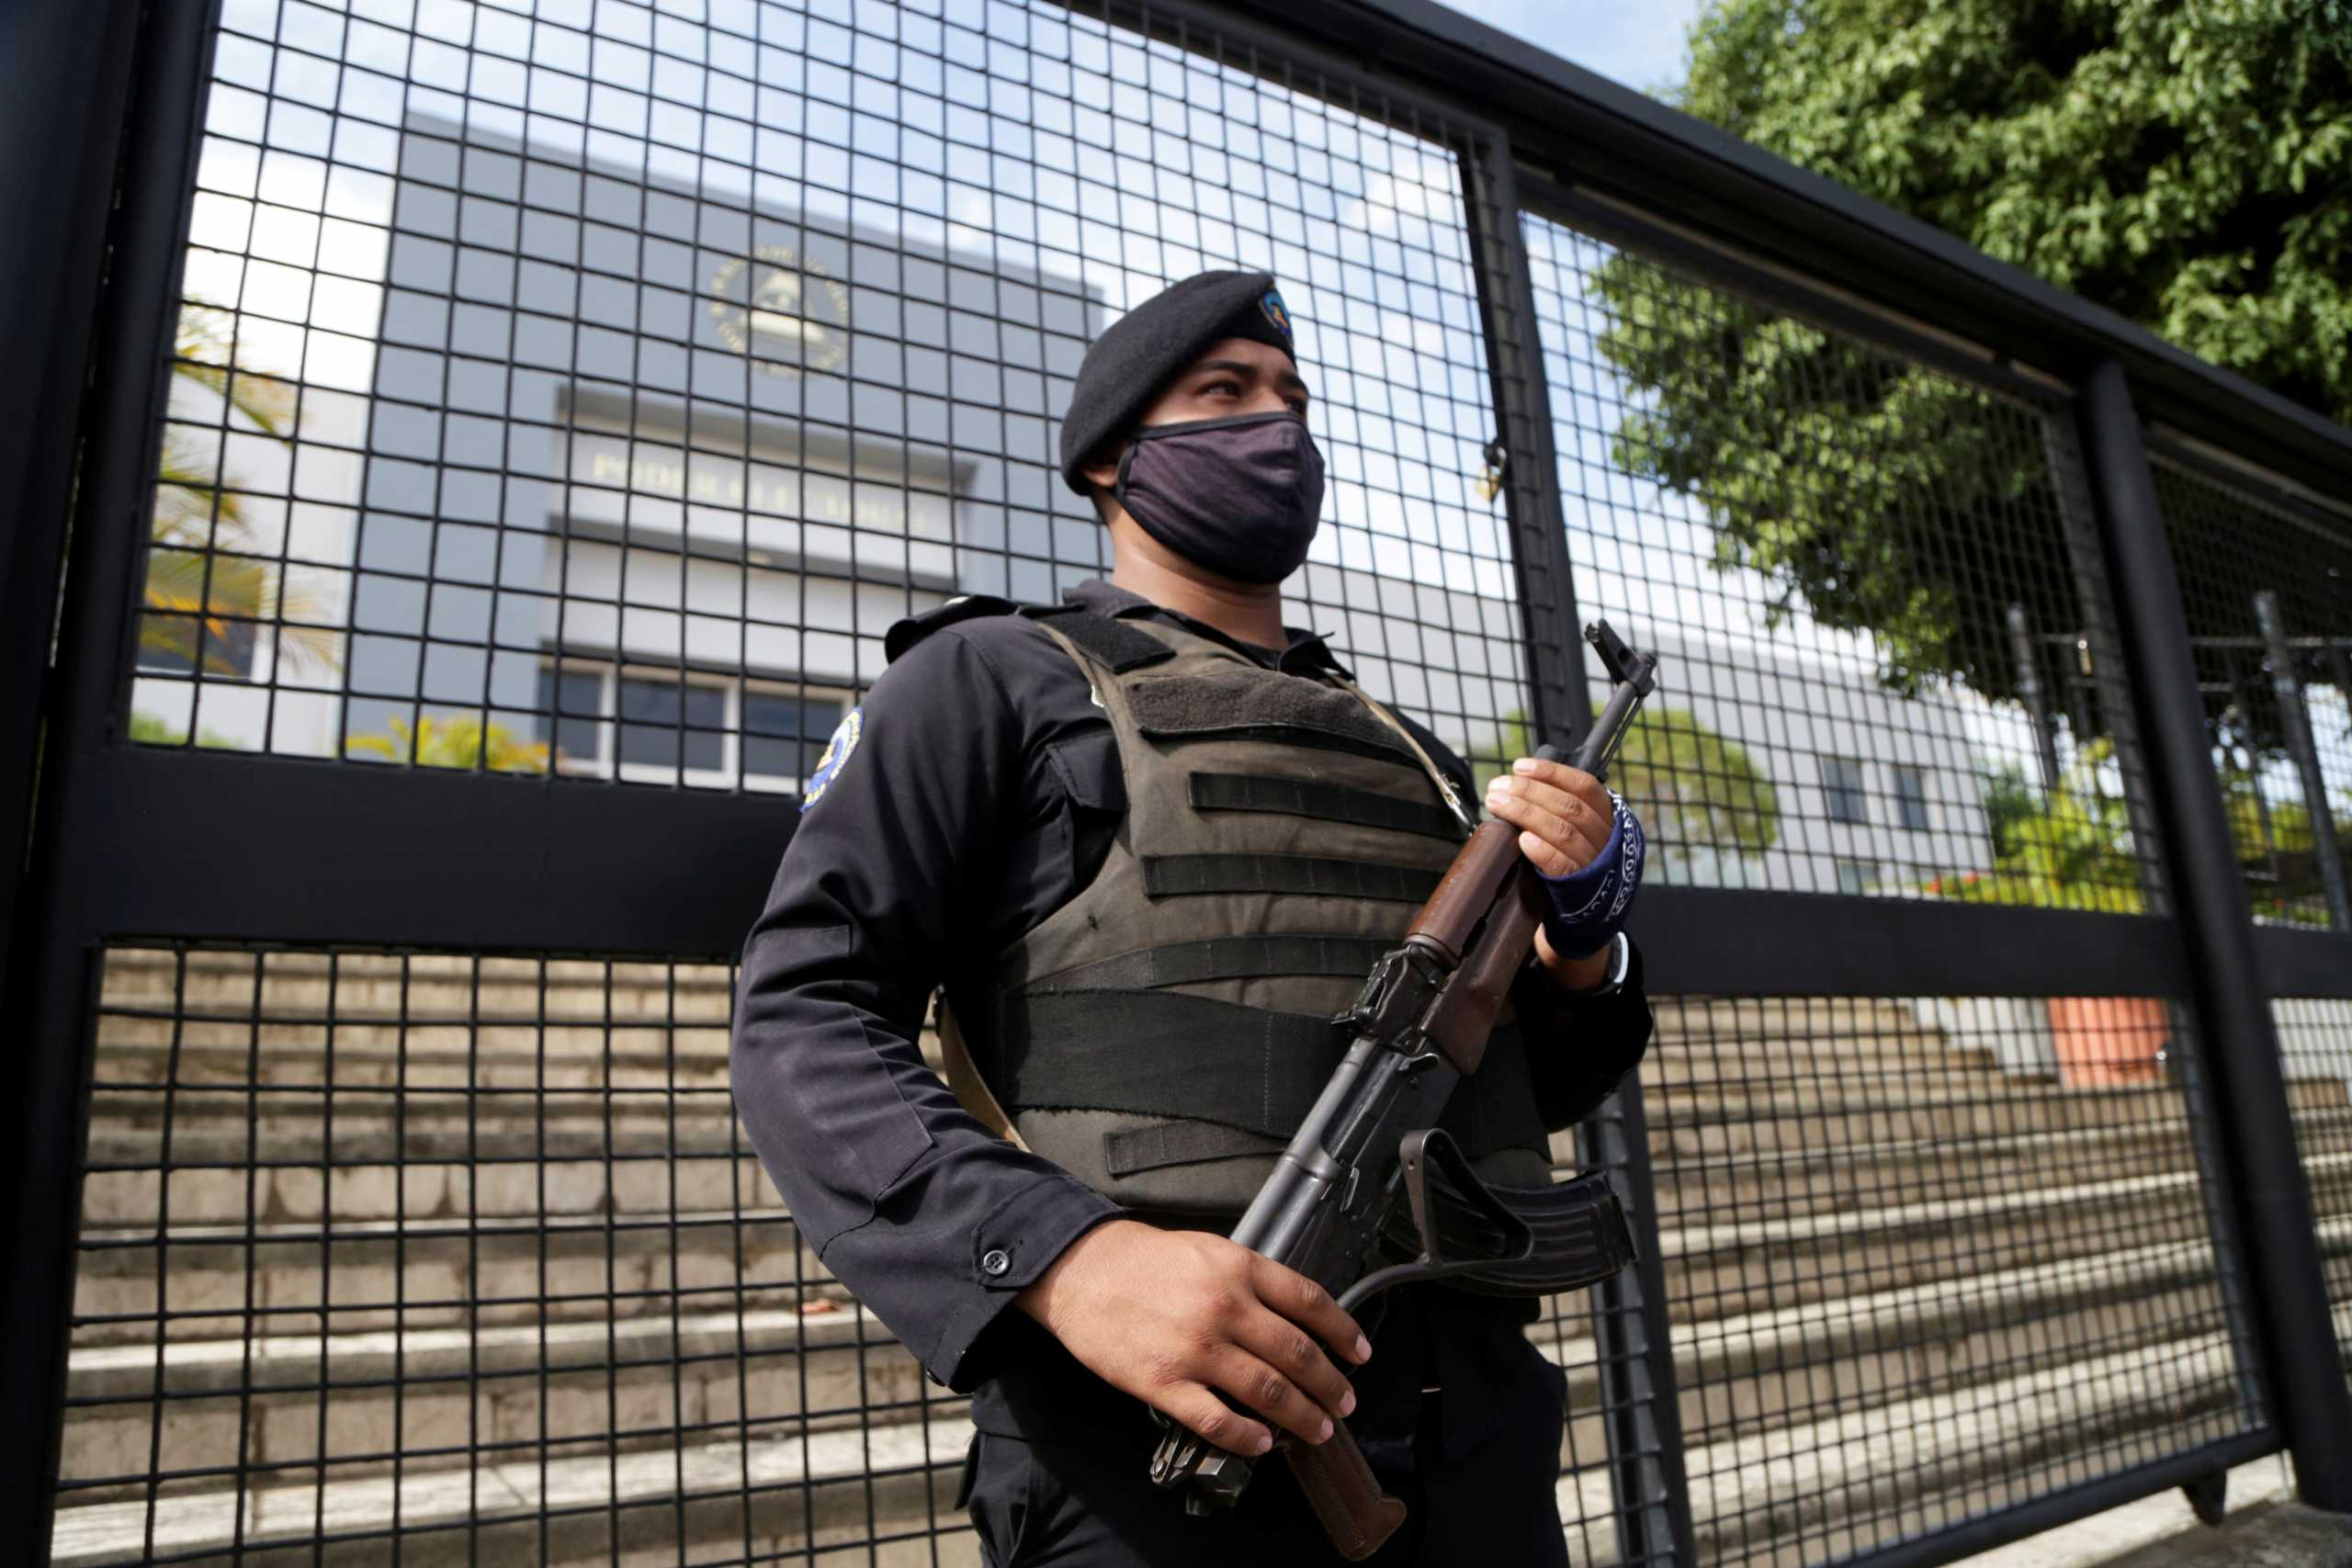 Νικαράγουα: Τα 32 έφτασαν τα στελέχη της αντιπολίτευσης που έχουν συλληφθεί